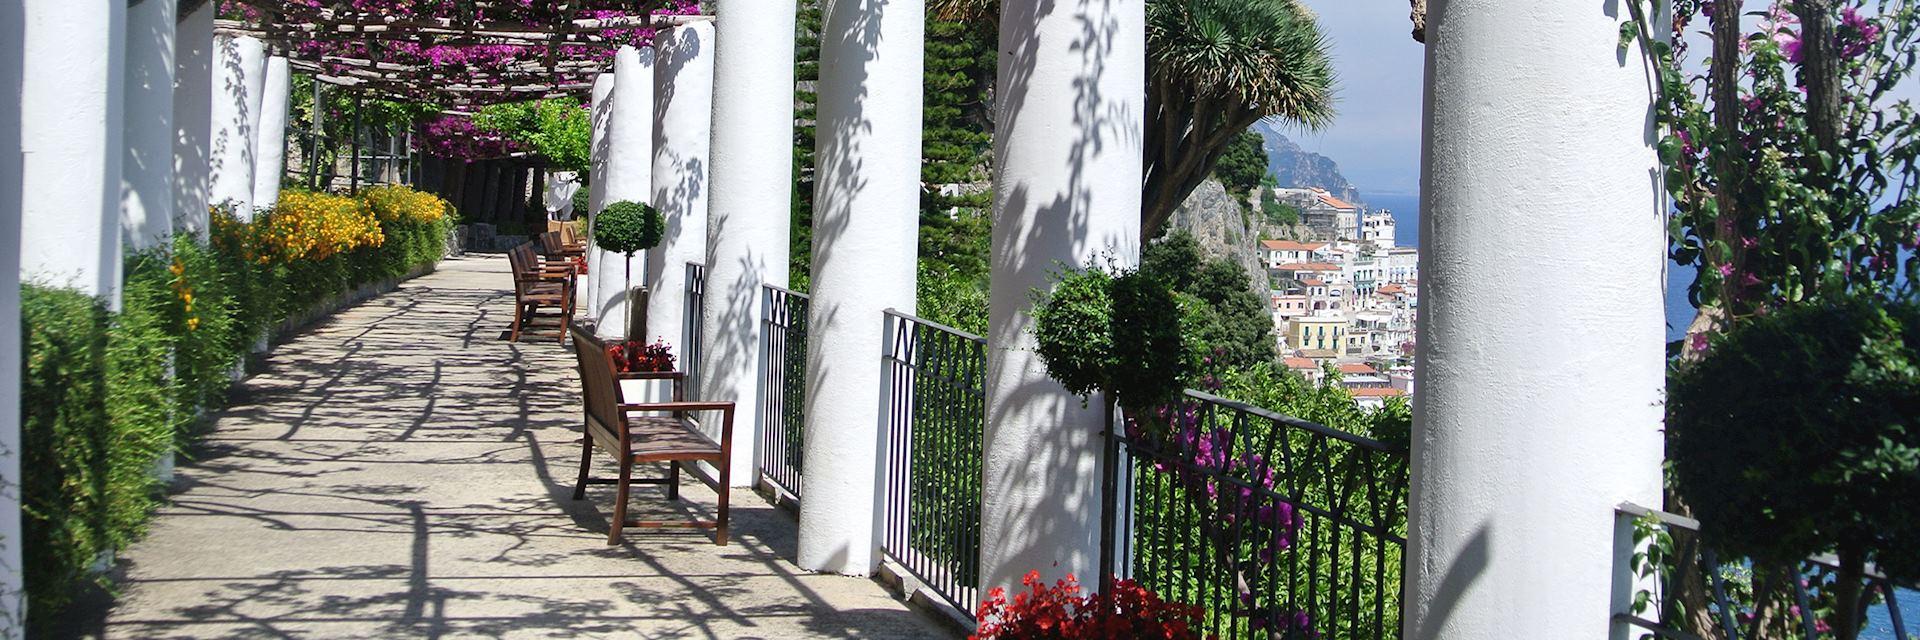 Convento dii Amalfi, Amalfi Coast